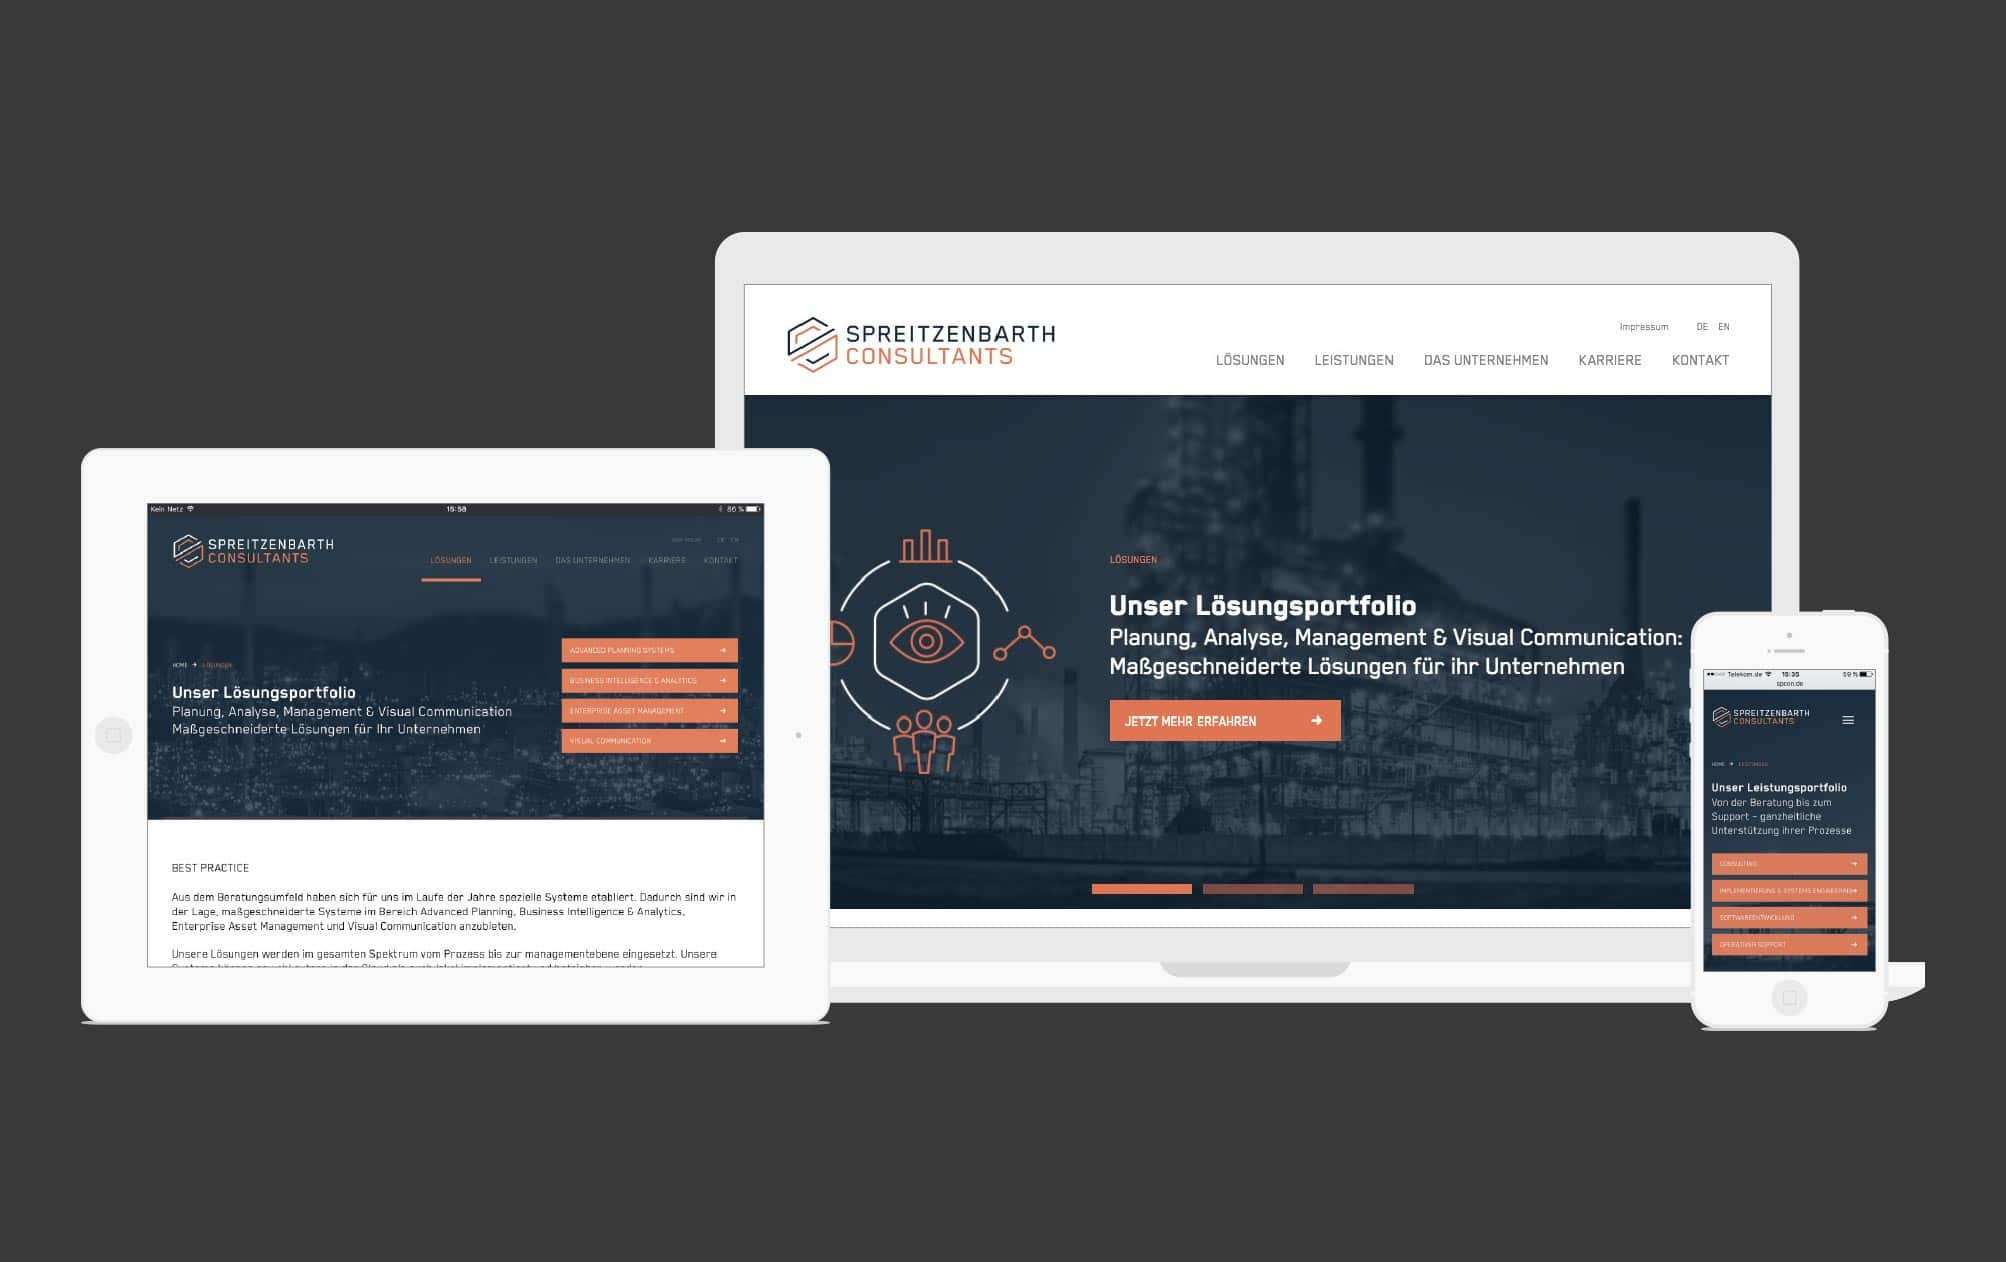 360VIER_Spreizenbarth_Bild_Entwicklung Webdesign